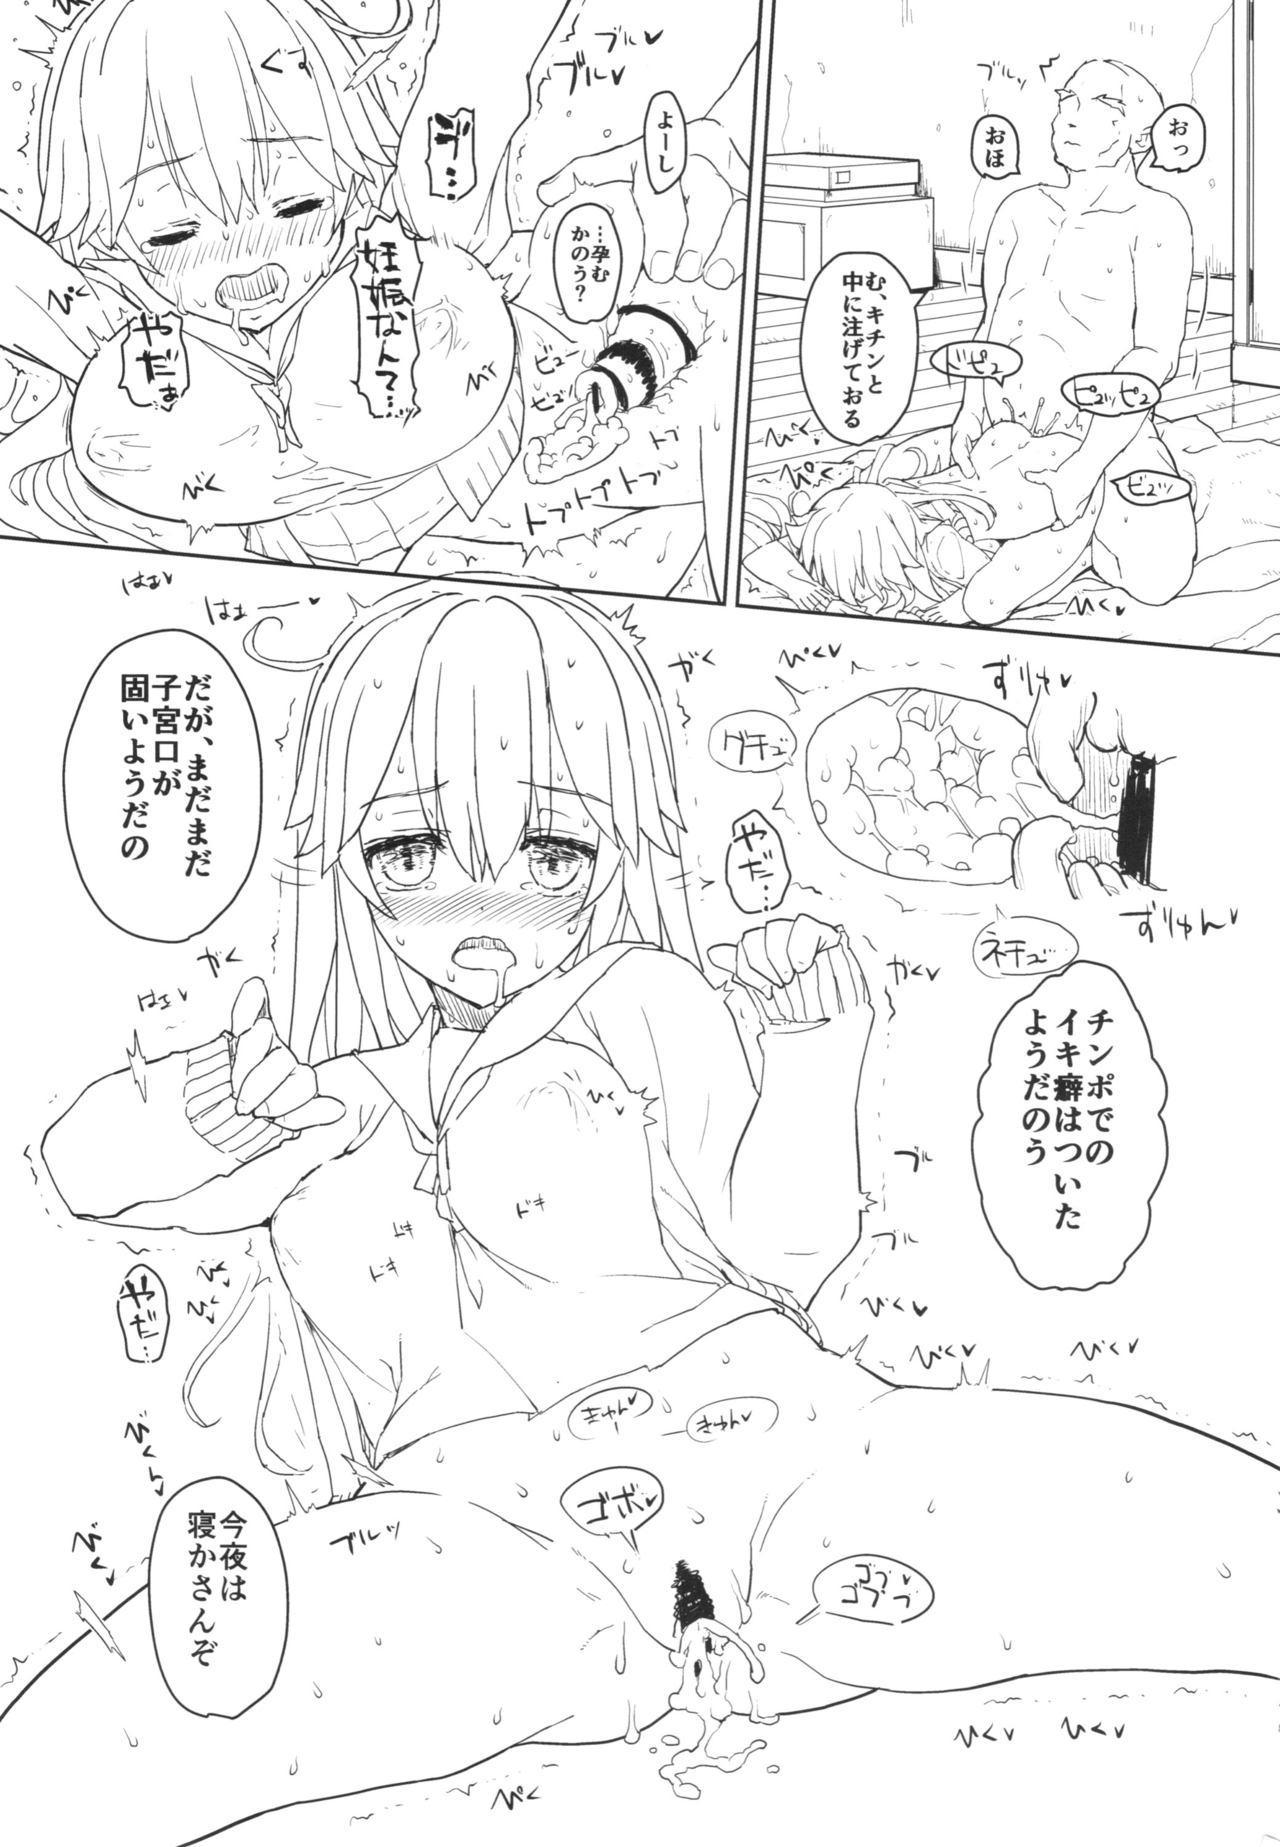 Ushio no Onsen Kuchikukan 22